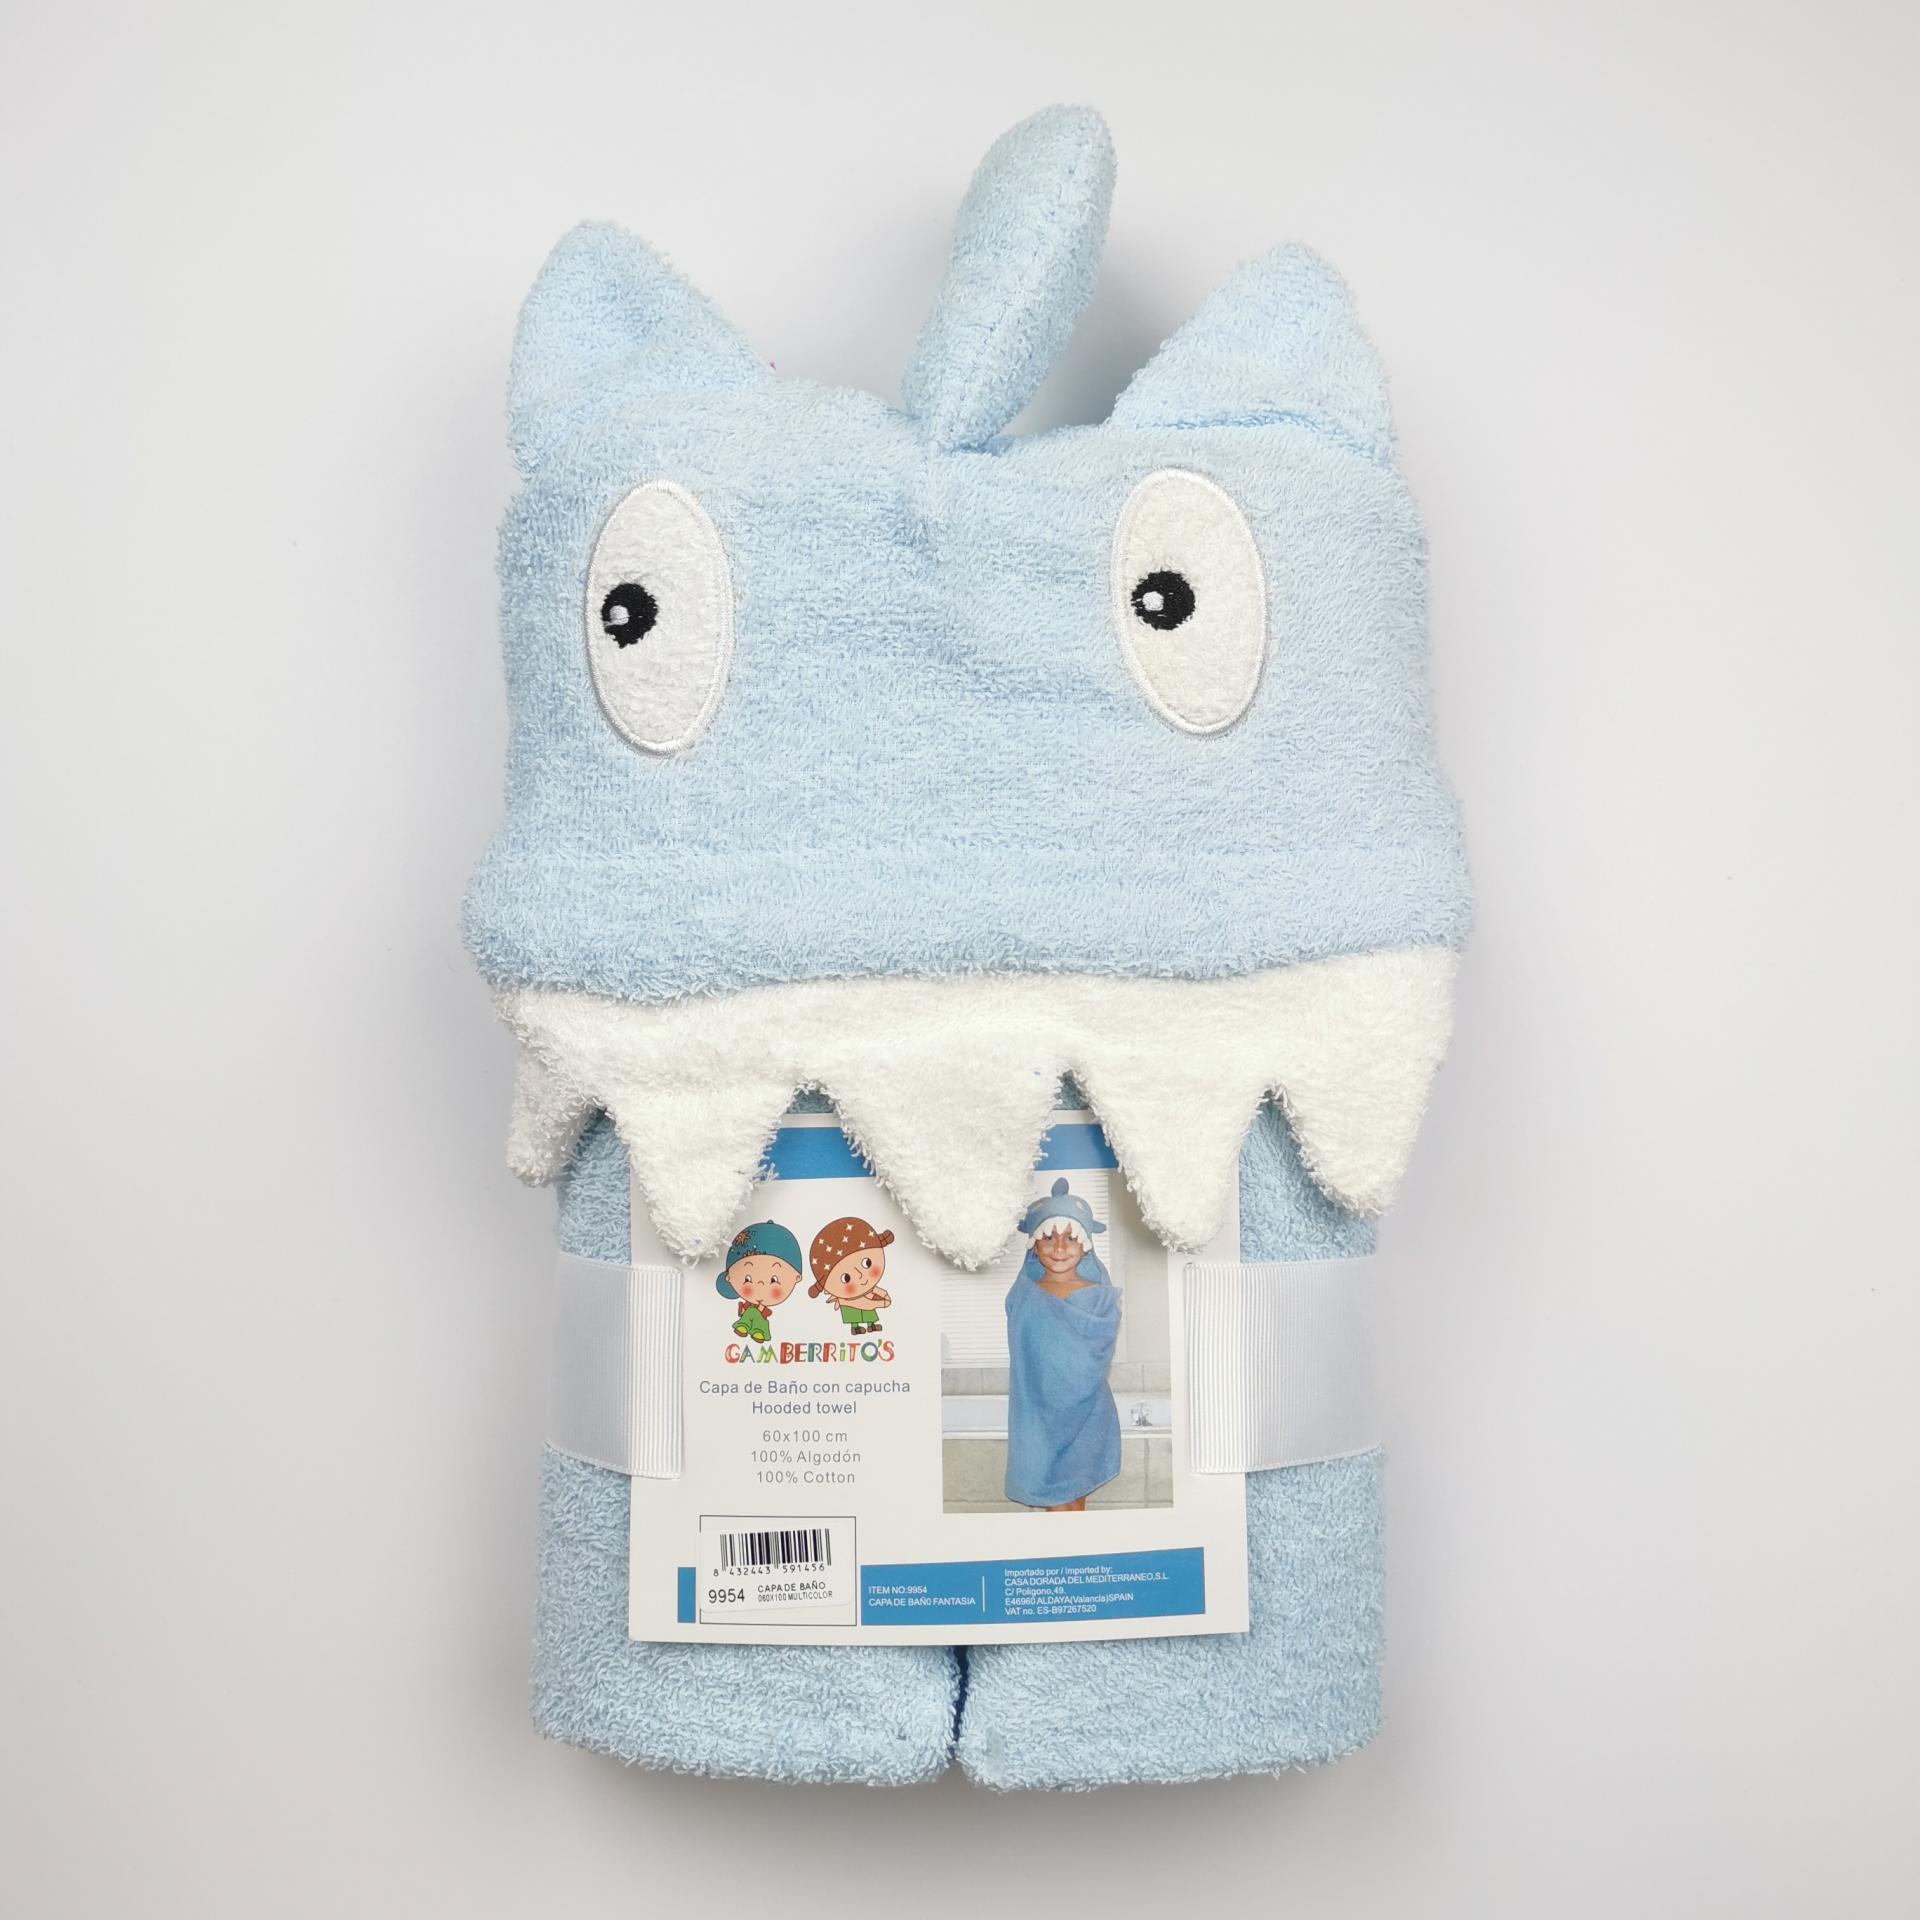 Capa de baño con capucha Tiburón